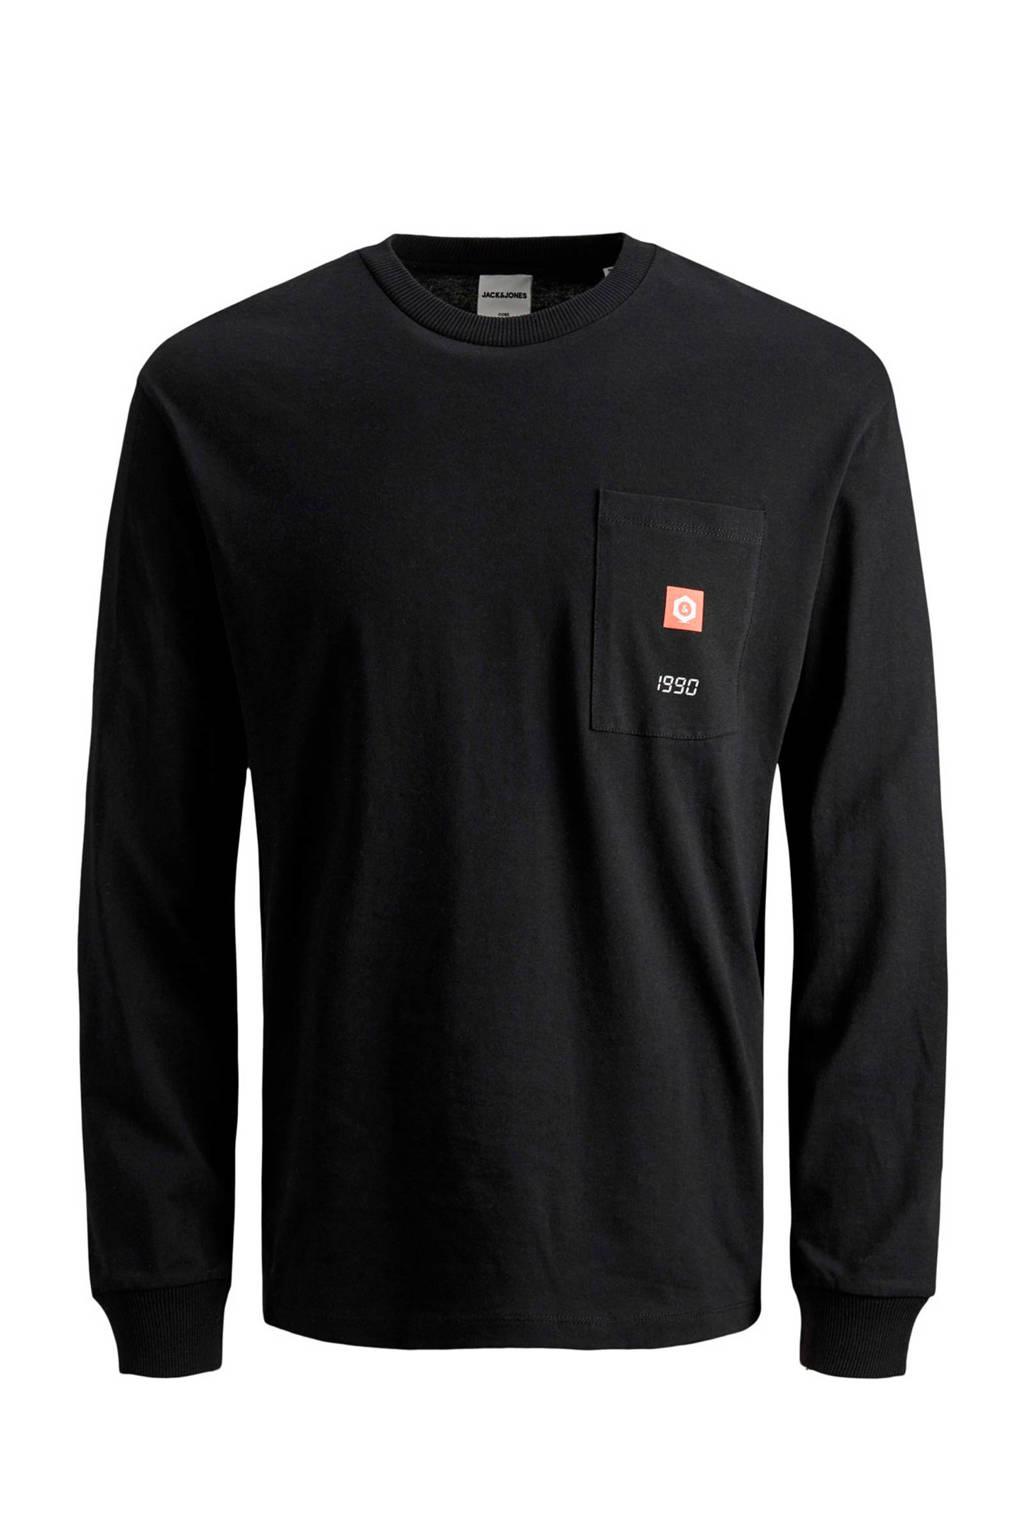 JACK & JONES CORE T-shirt met tekst zwart/wit, Zwart/wit